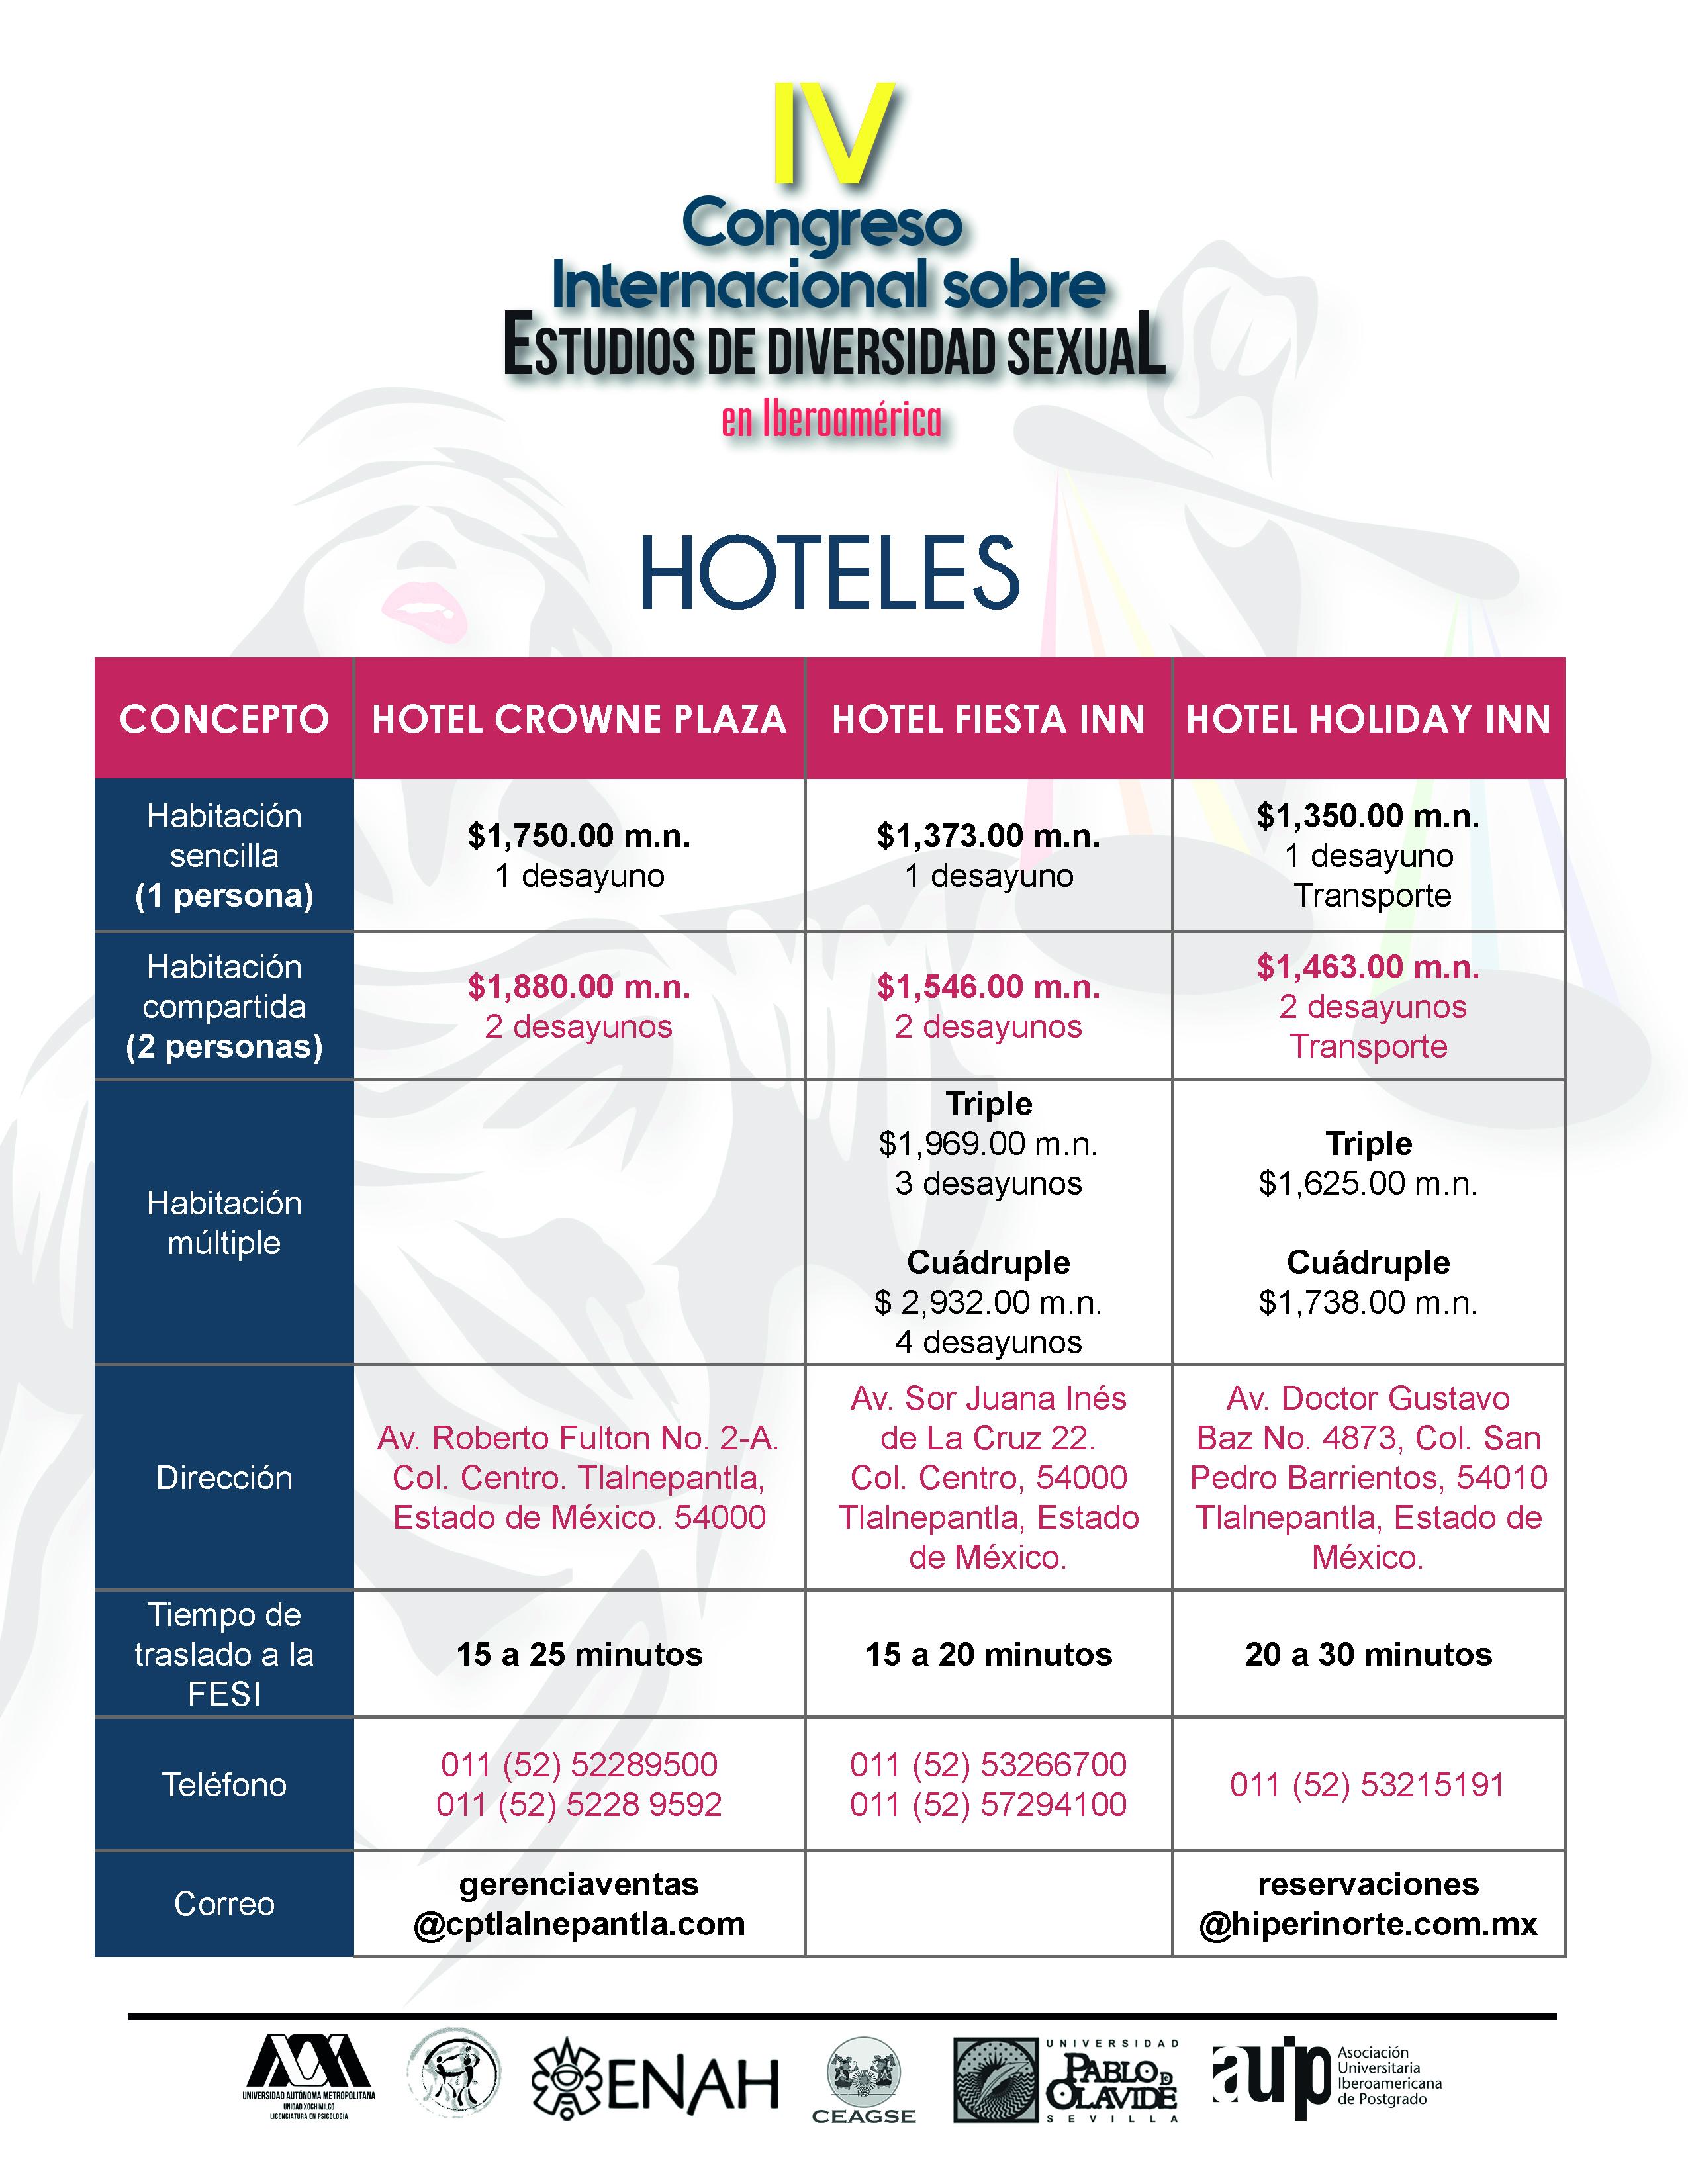 HOTELES Diversidad Sexual_2